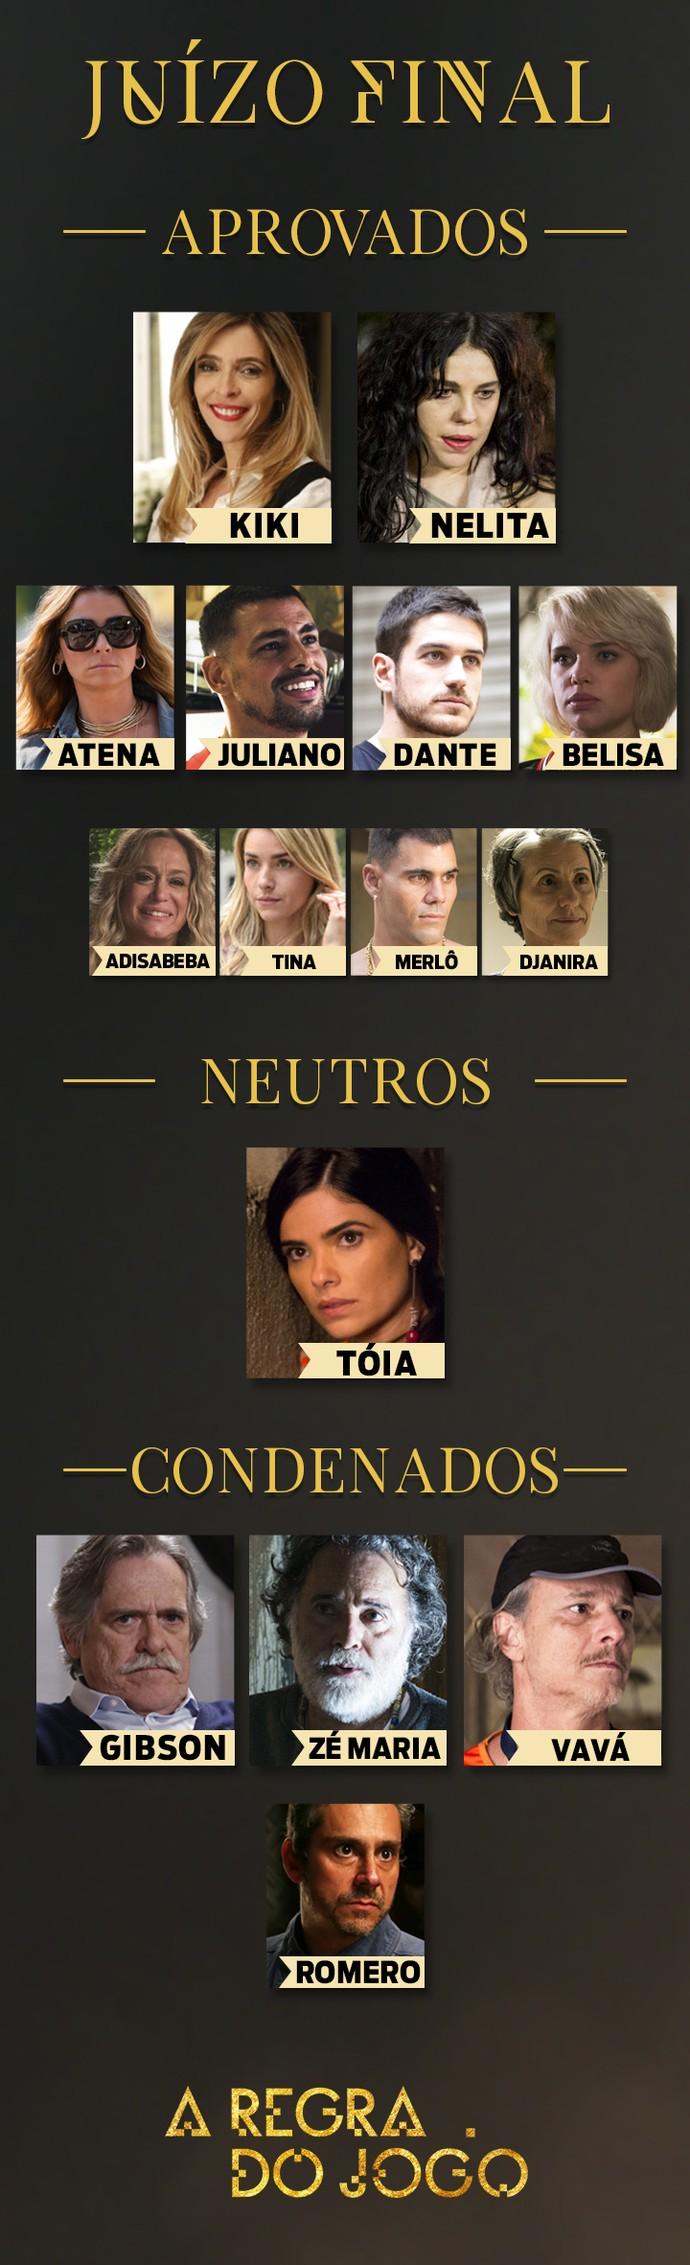 Público avaliou as atitudes dos personagens na ferramenta de Juízo Final (Foto: TV Globo)